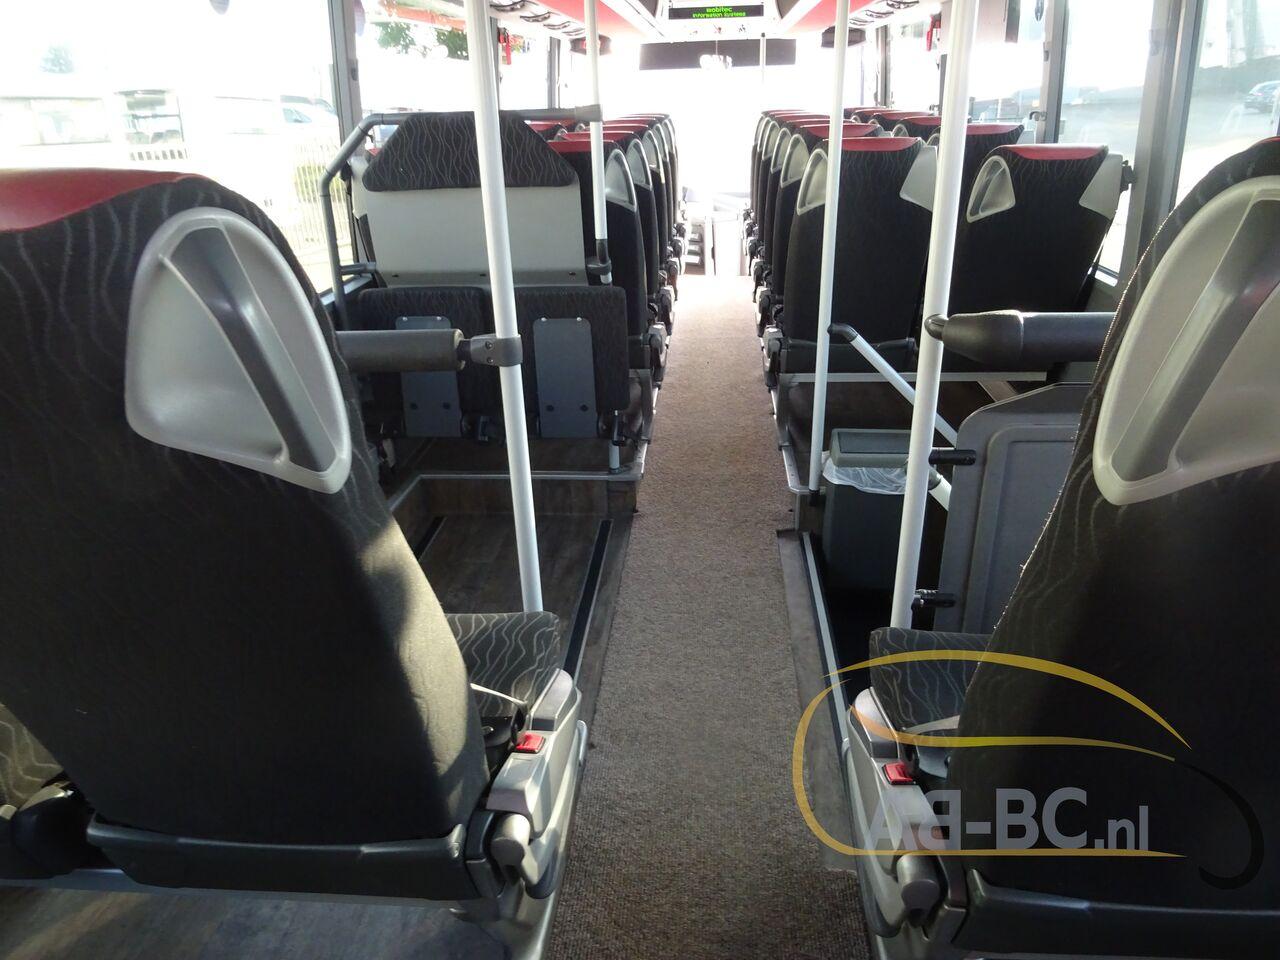 coach-bus-SETRA-S415H-52-Seats-EURO-6-Liftbus---1630913527354973475_big_e4a9a7b9a99fb8fe78c5006afcc559c5--21070517141280735500